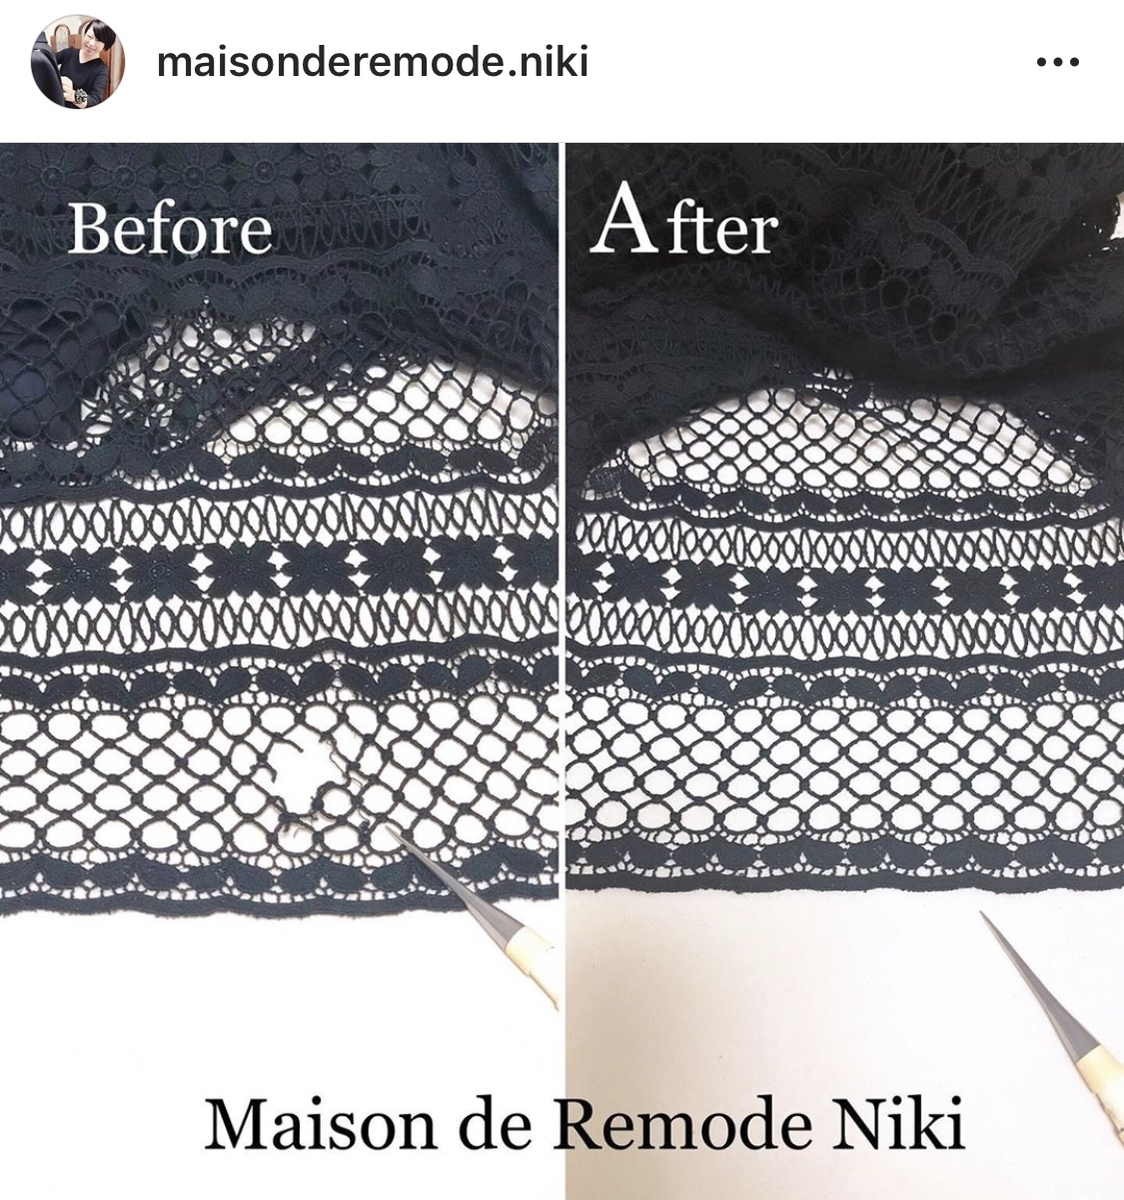 f:id:MaisonDeRemodeNIKI:20190807221712j:plain